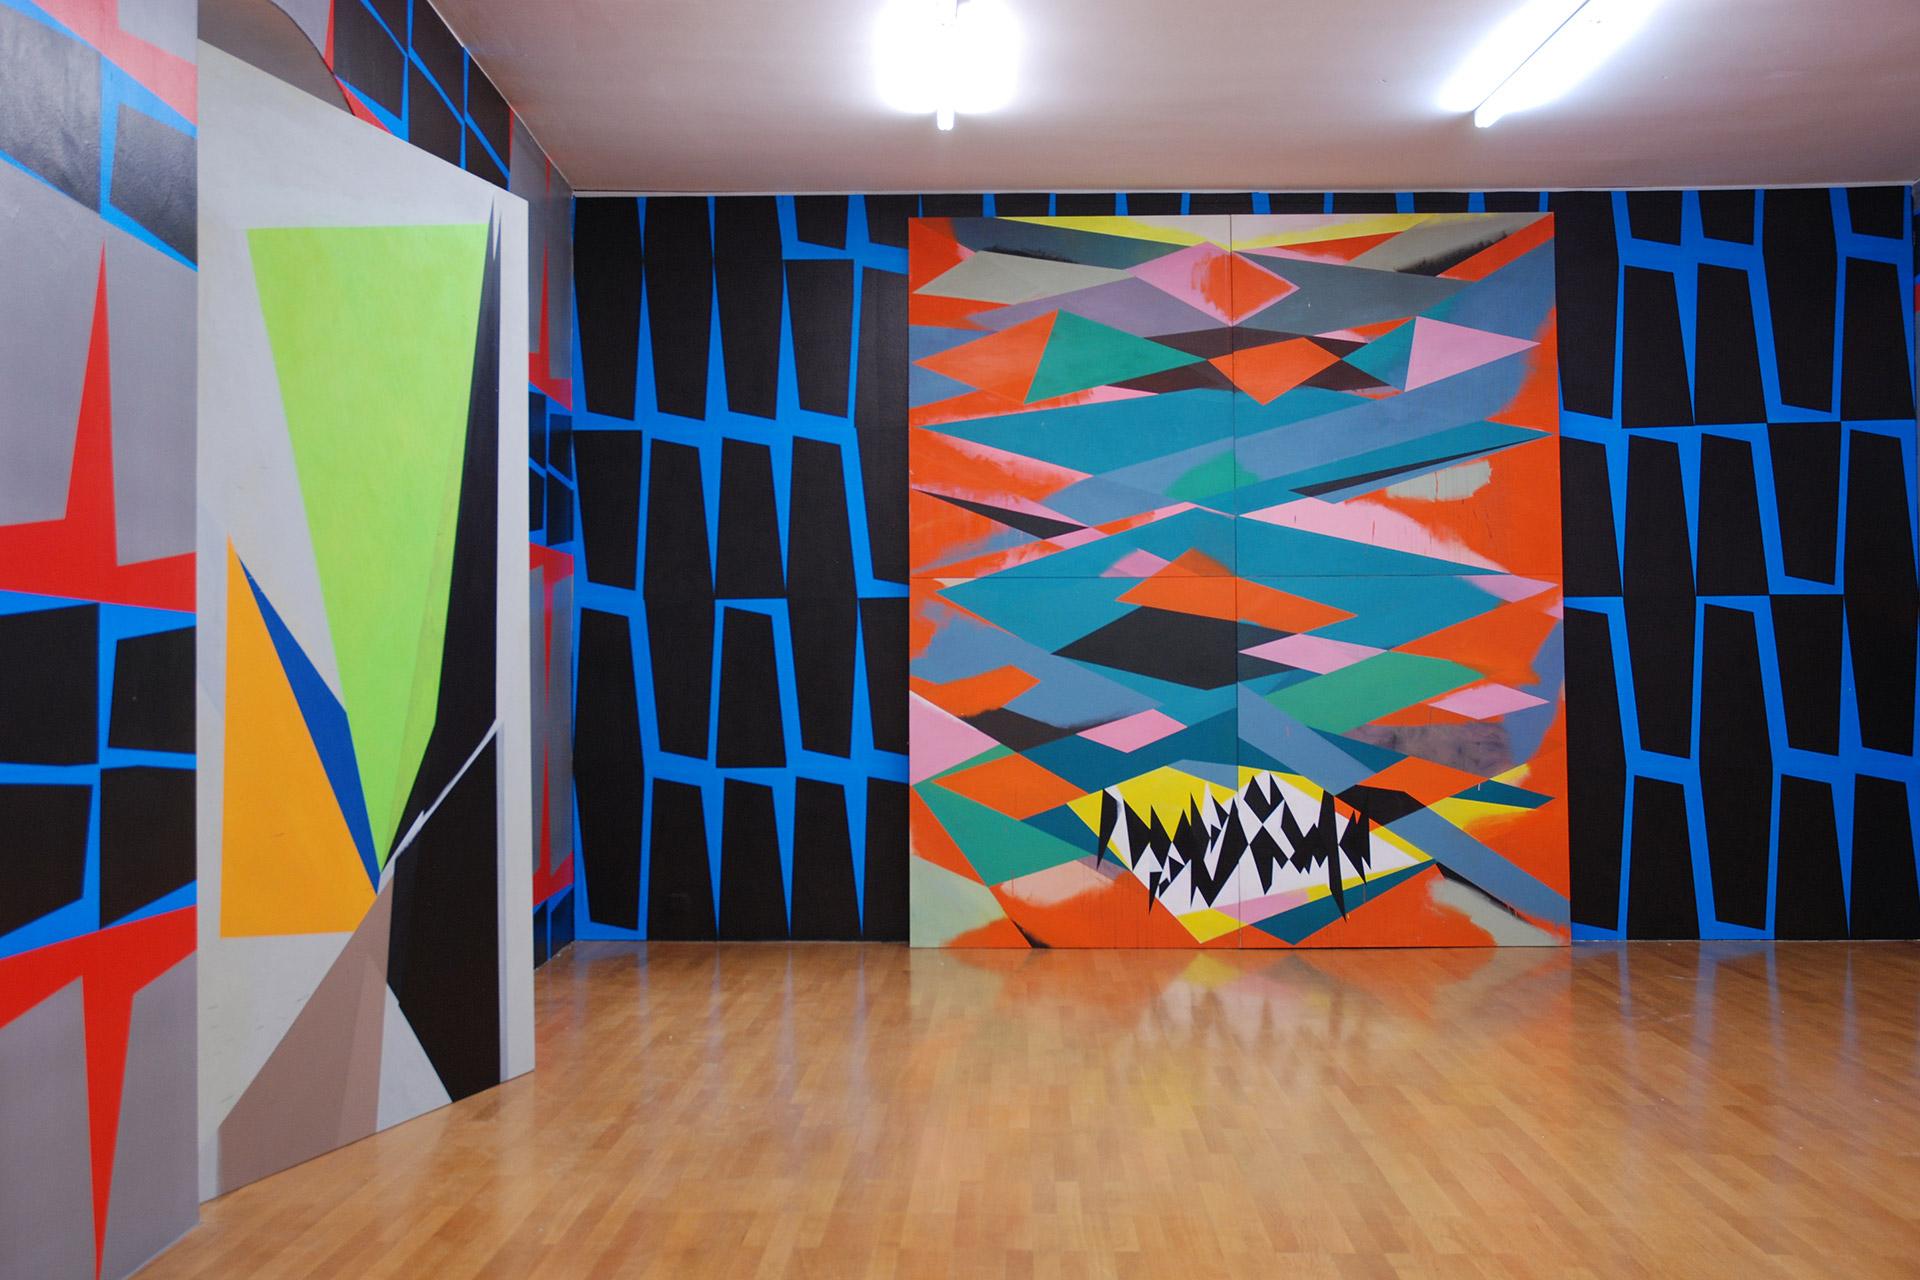 Jaime-Gili-Kunsthalle-Winterthur-2009-1.jpg